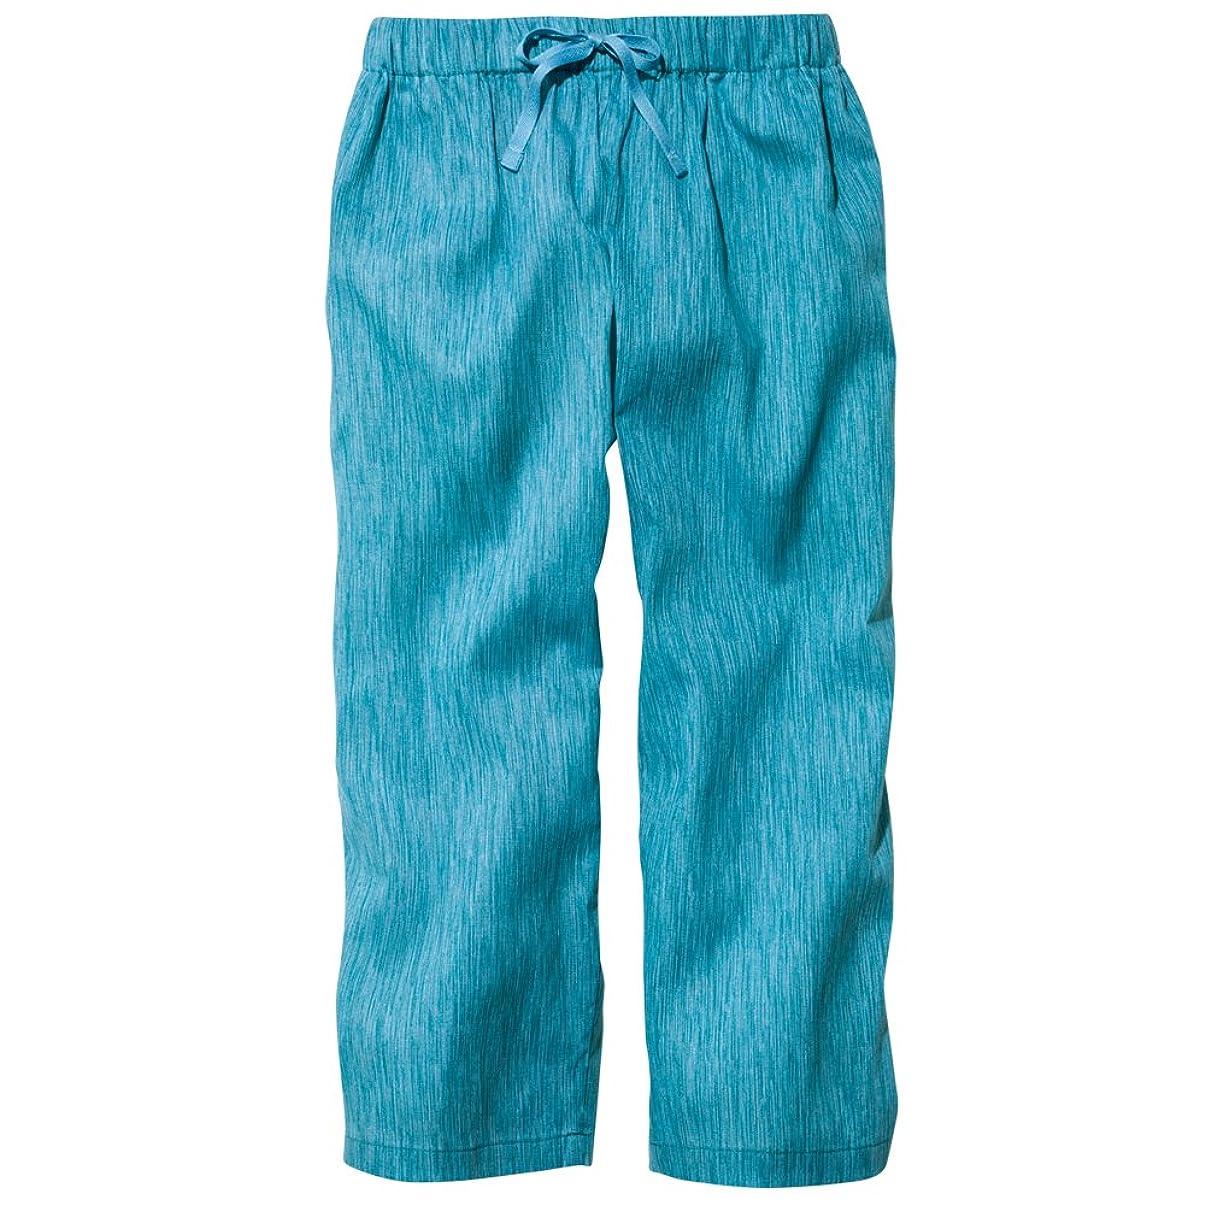 爵華氏ワーディアンケースセルヴァン 高島ちぢみ ポケット付ゆったりステテコ 女性用 ターコイズ 3L